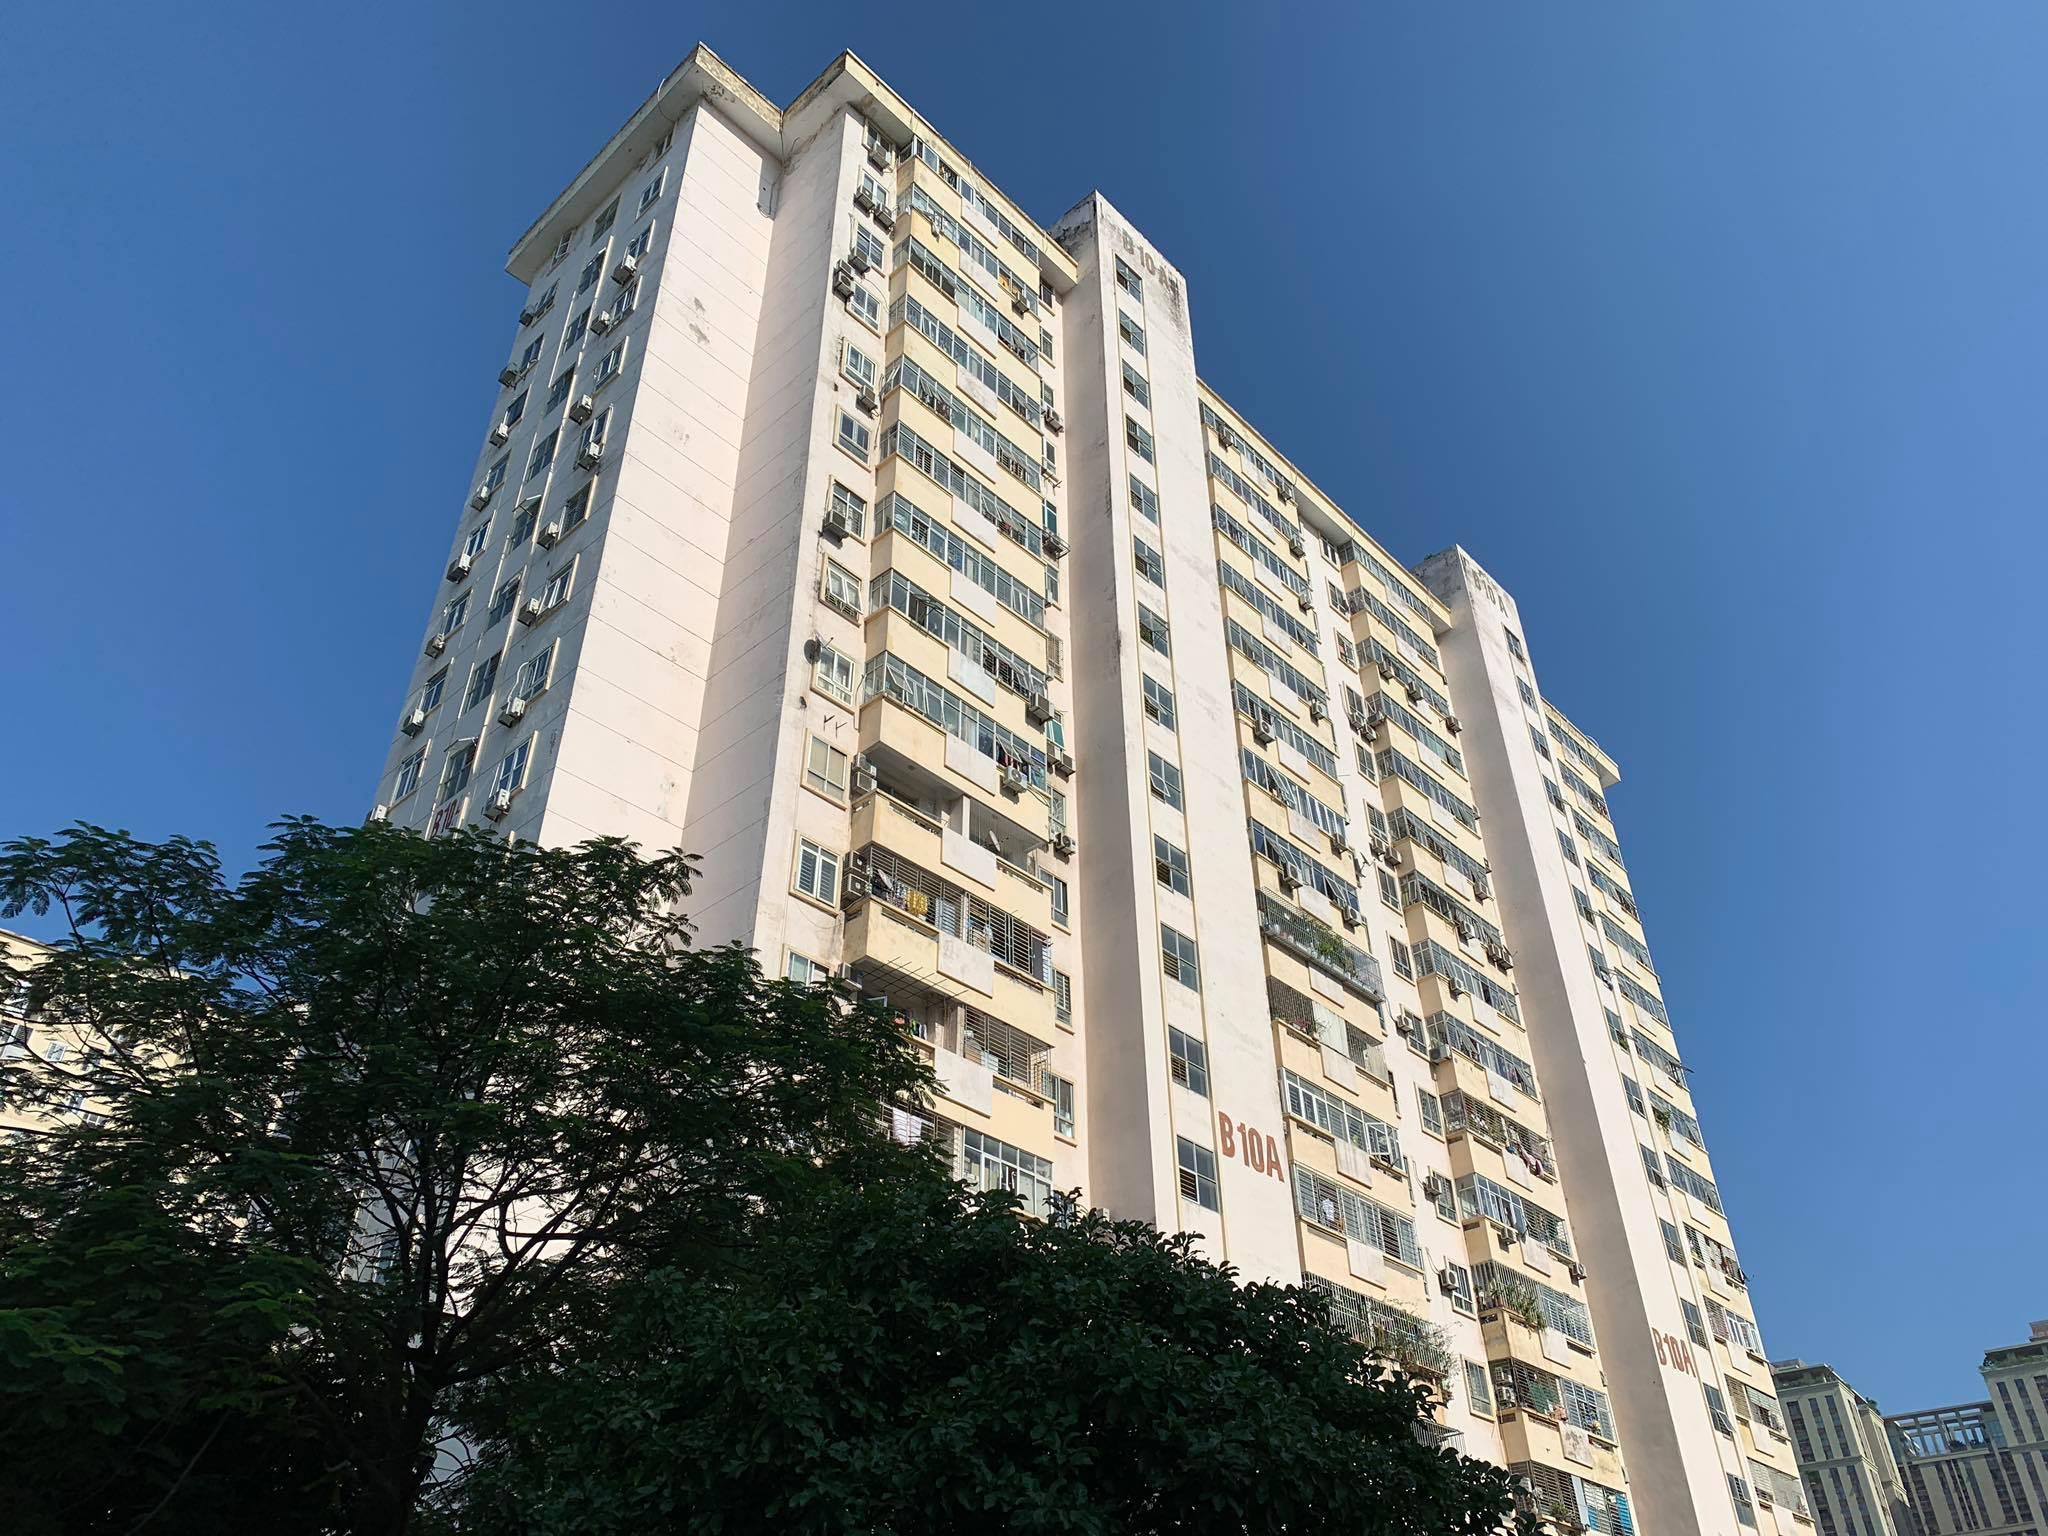 Hà Nội: Góc khuất vụ thang máy chung cư rơi từ tầng 5 - 2